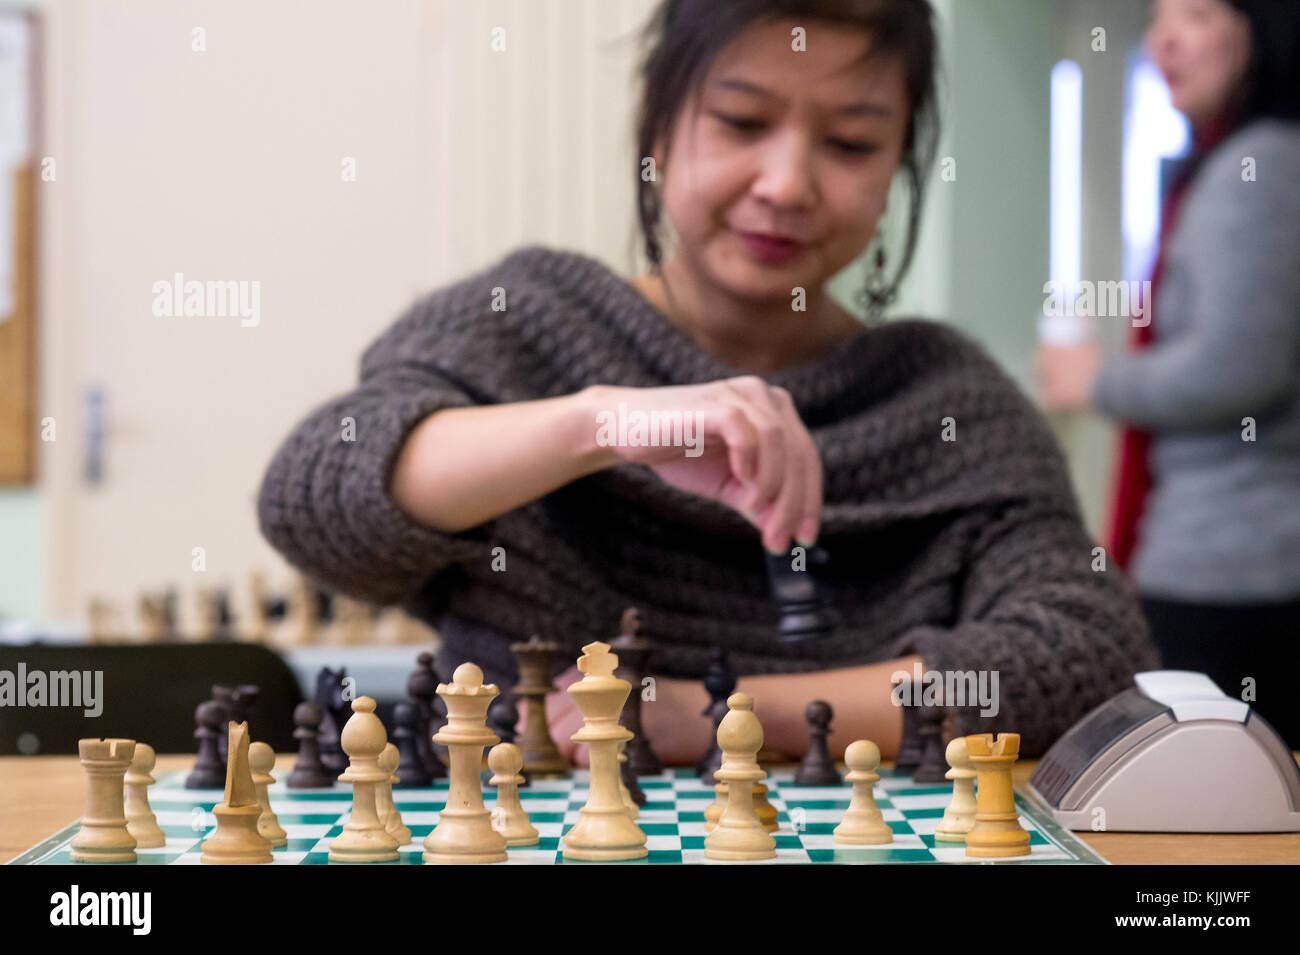 Jeu d'échecs. La France. Banque D'Images